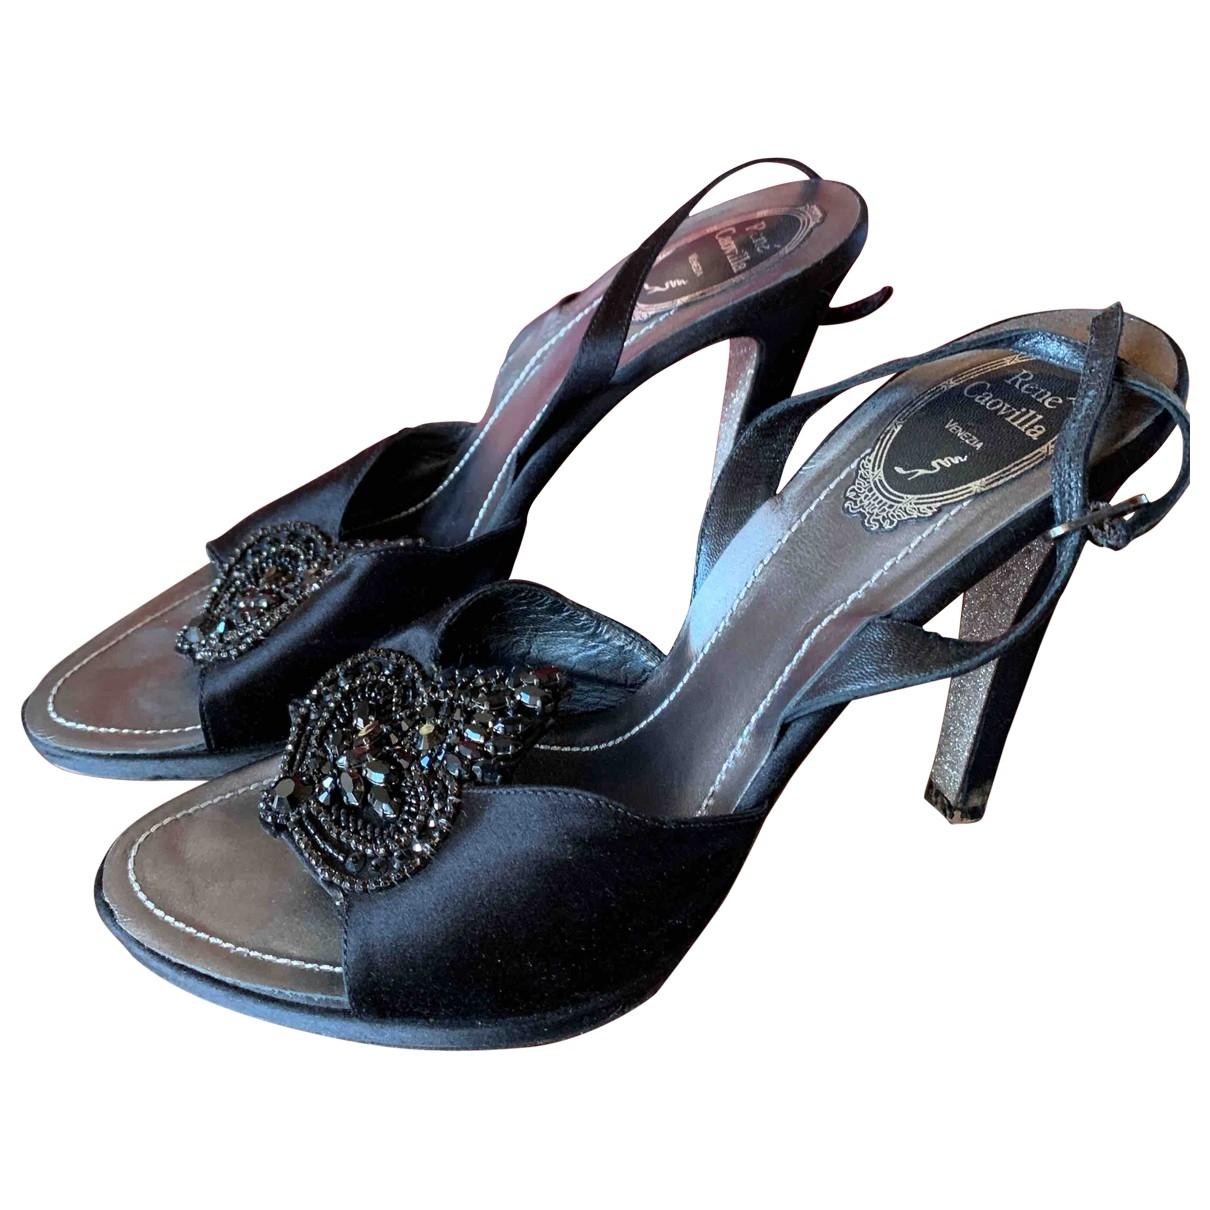 Rene Caovilla - Sandales   pour femme en toile - noir